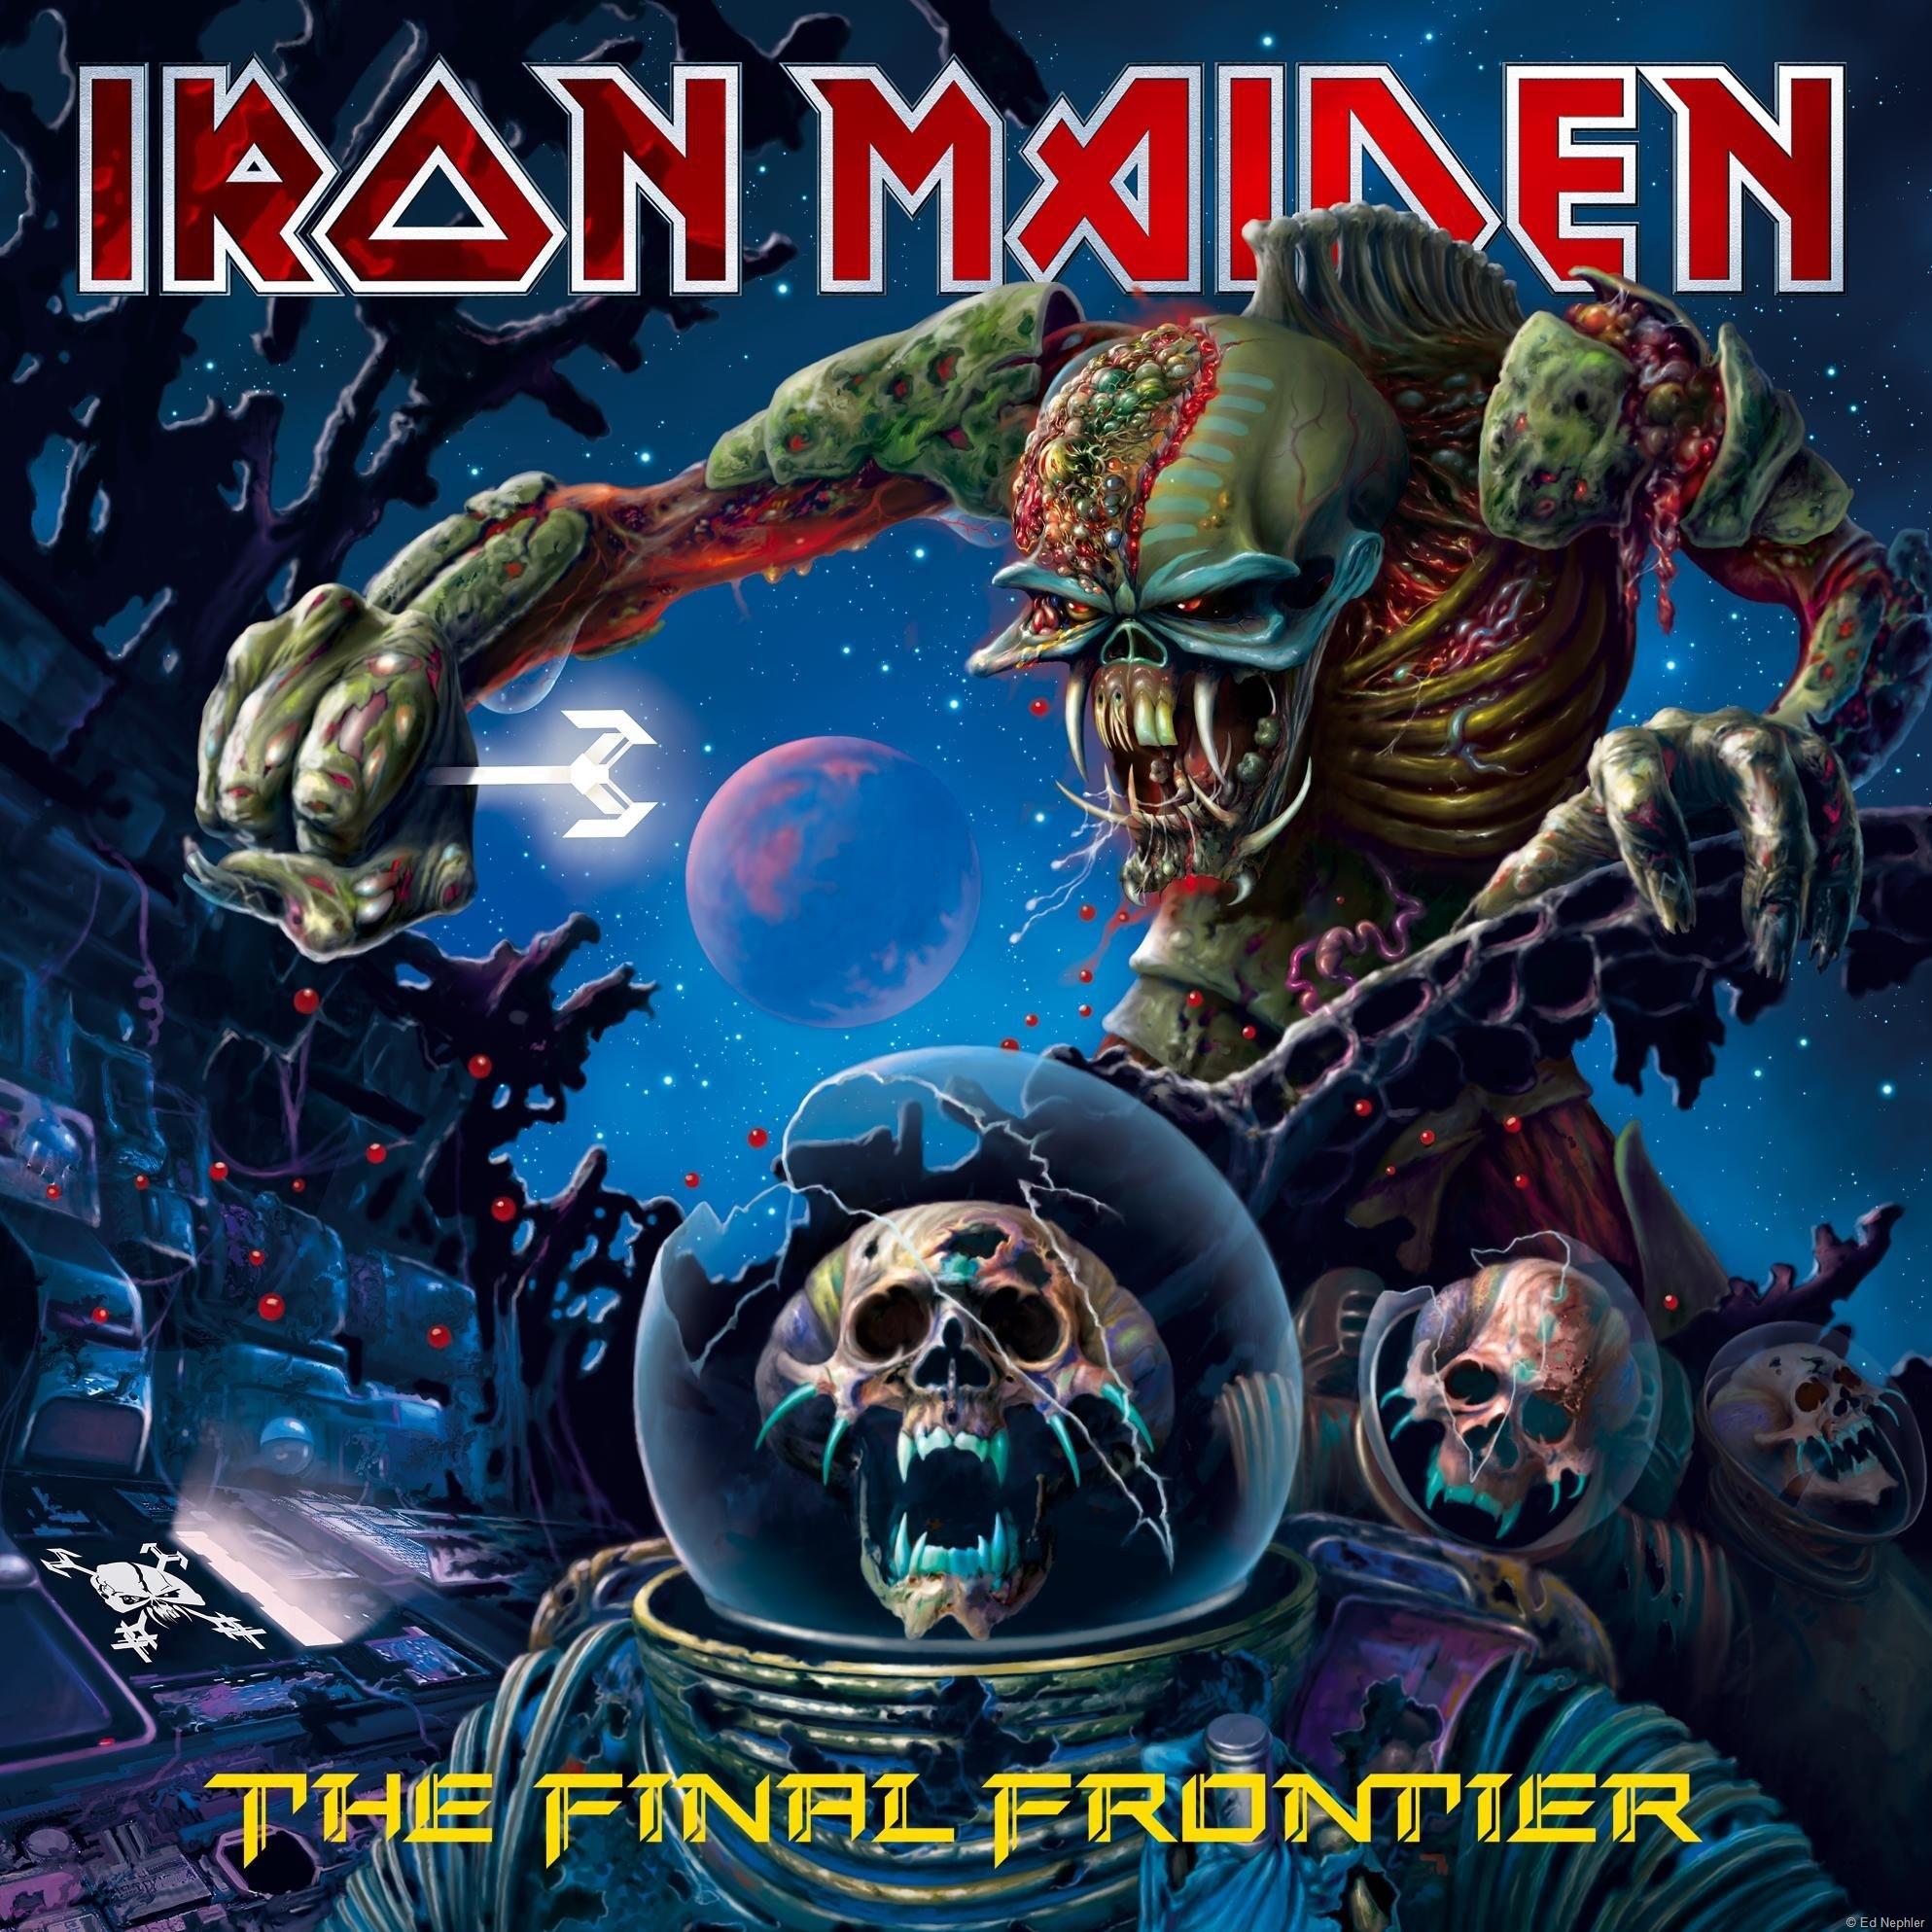 Iron Maiden - The Final Frontier VOORKANT